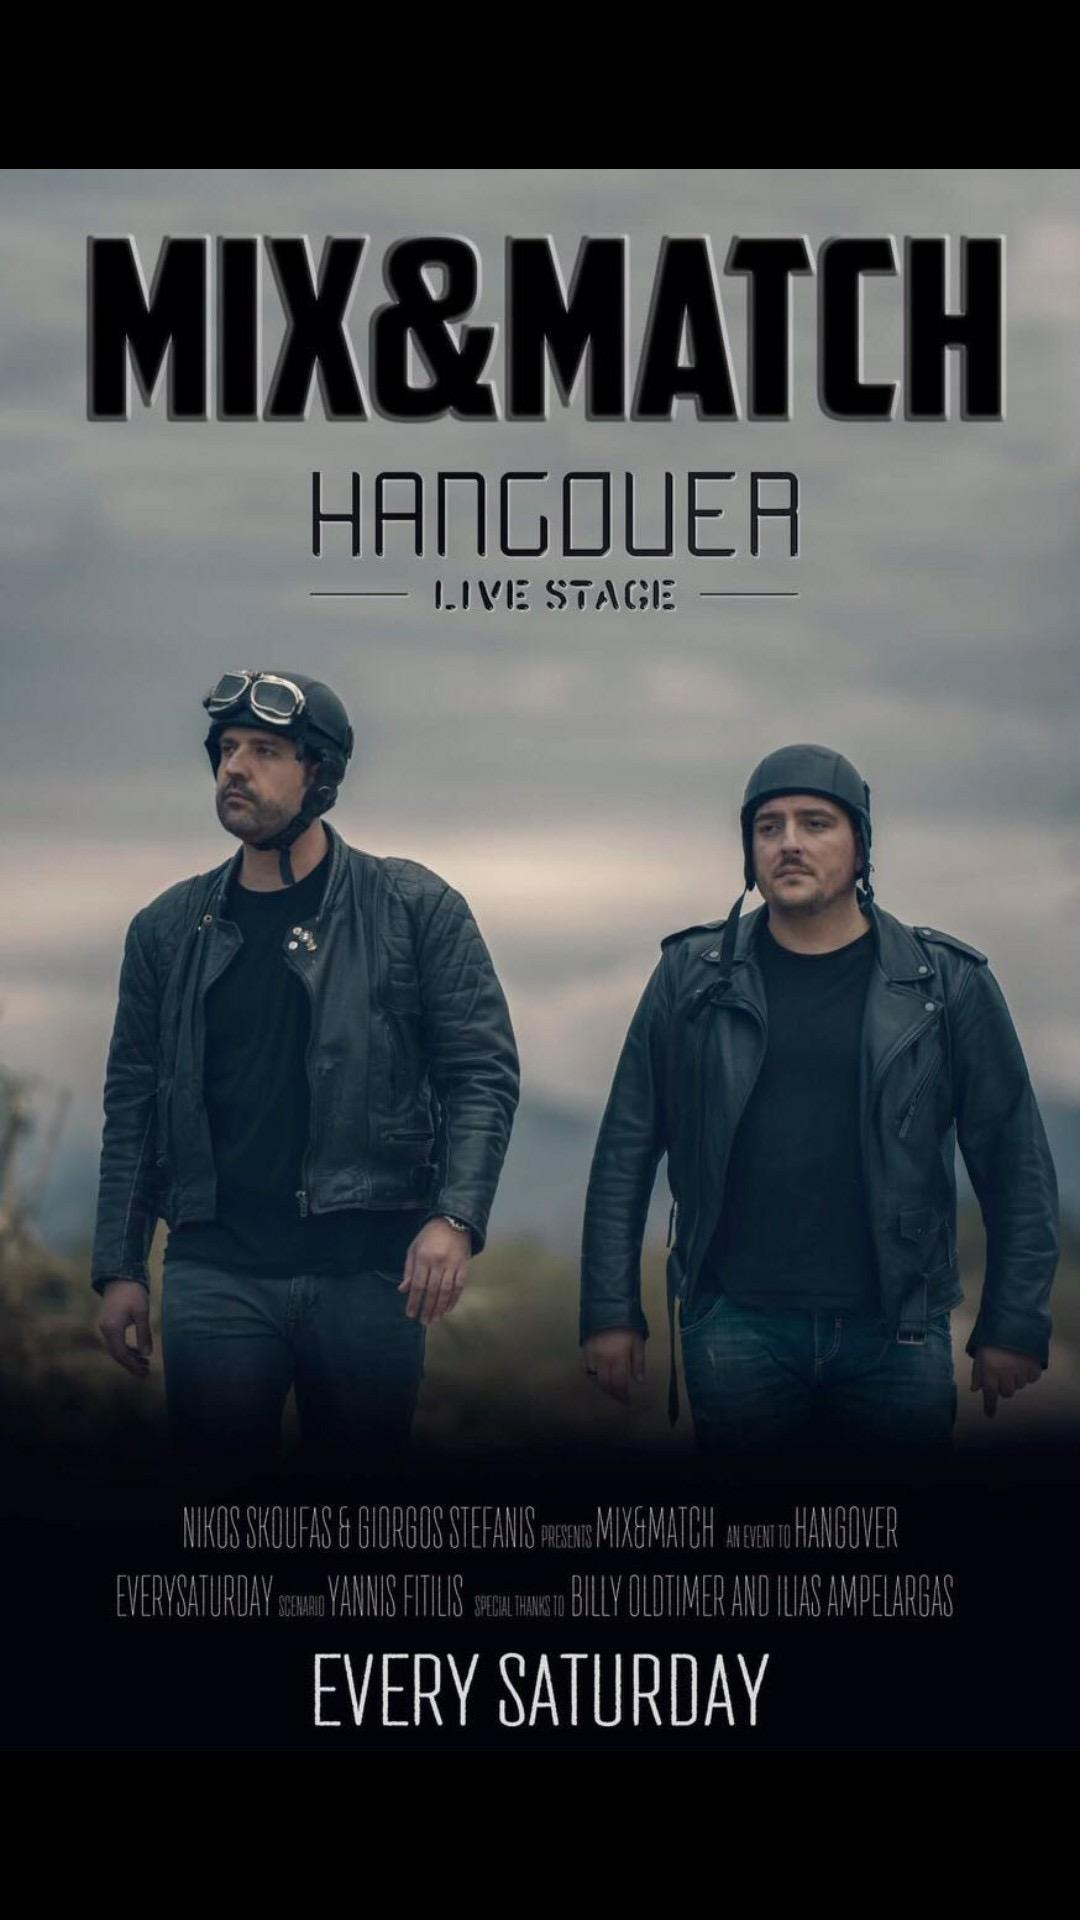 hangover 24/10/17